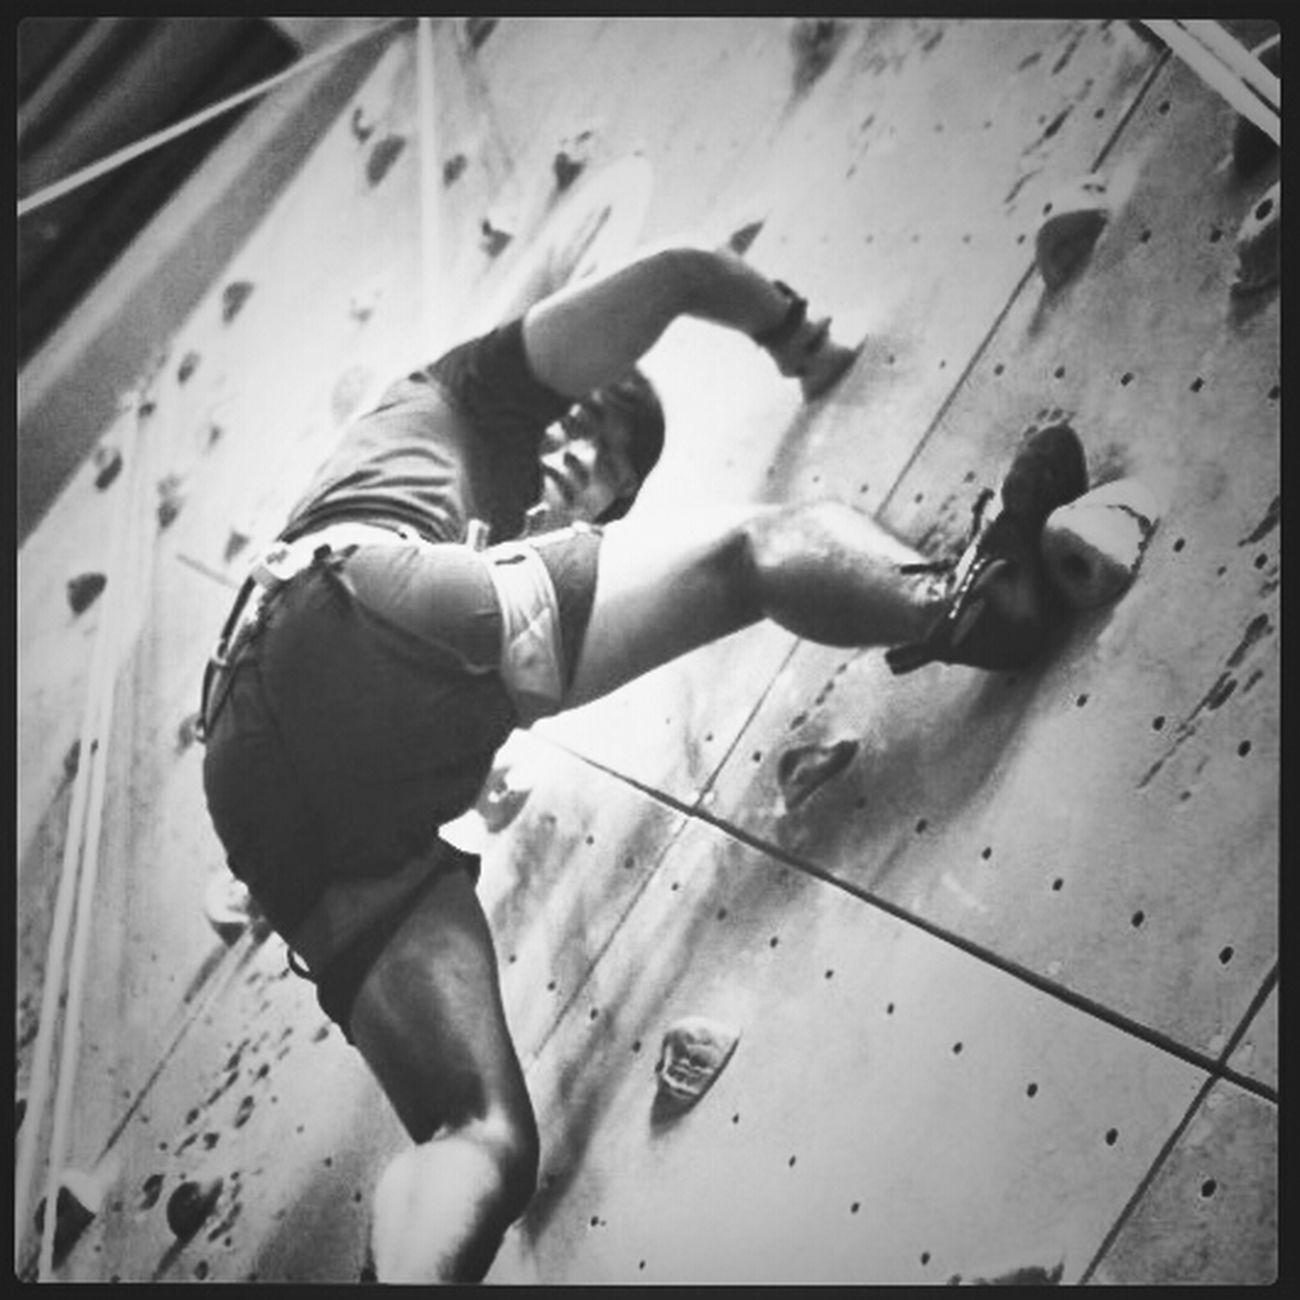 Wall Climbing at PCP Yolo KEMBARIANS